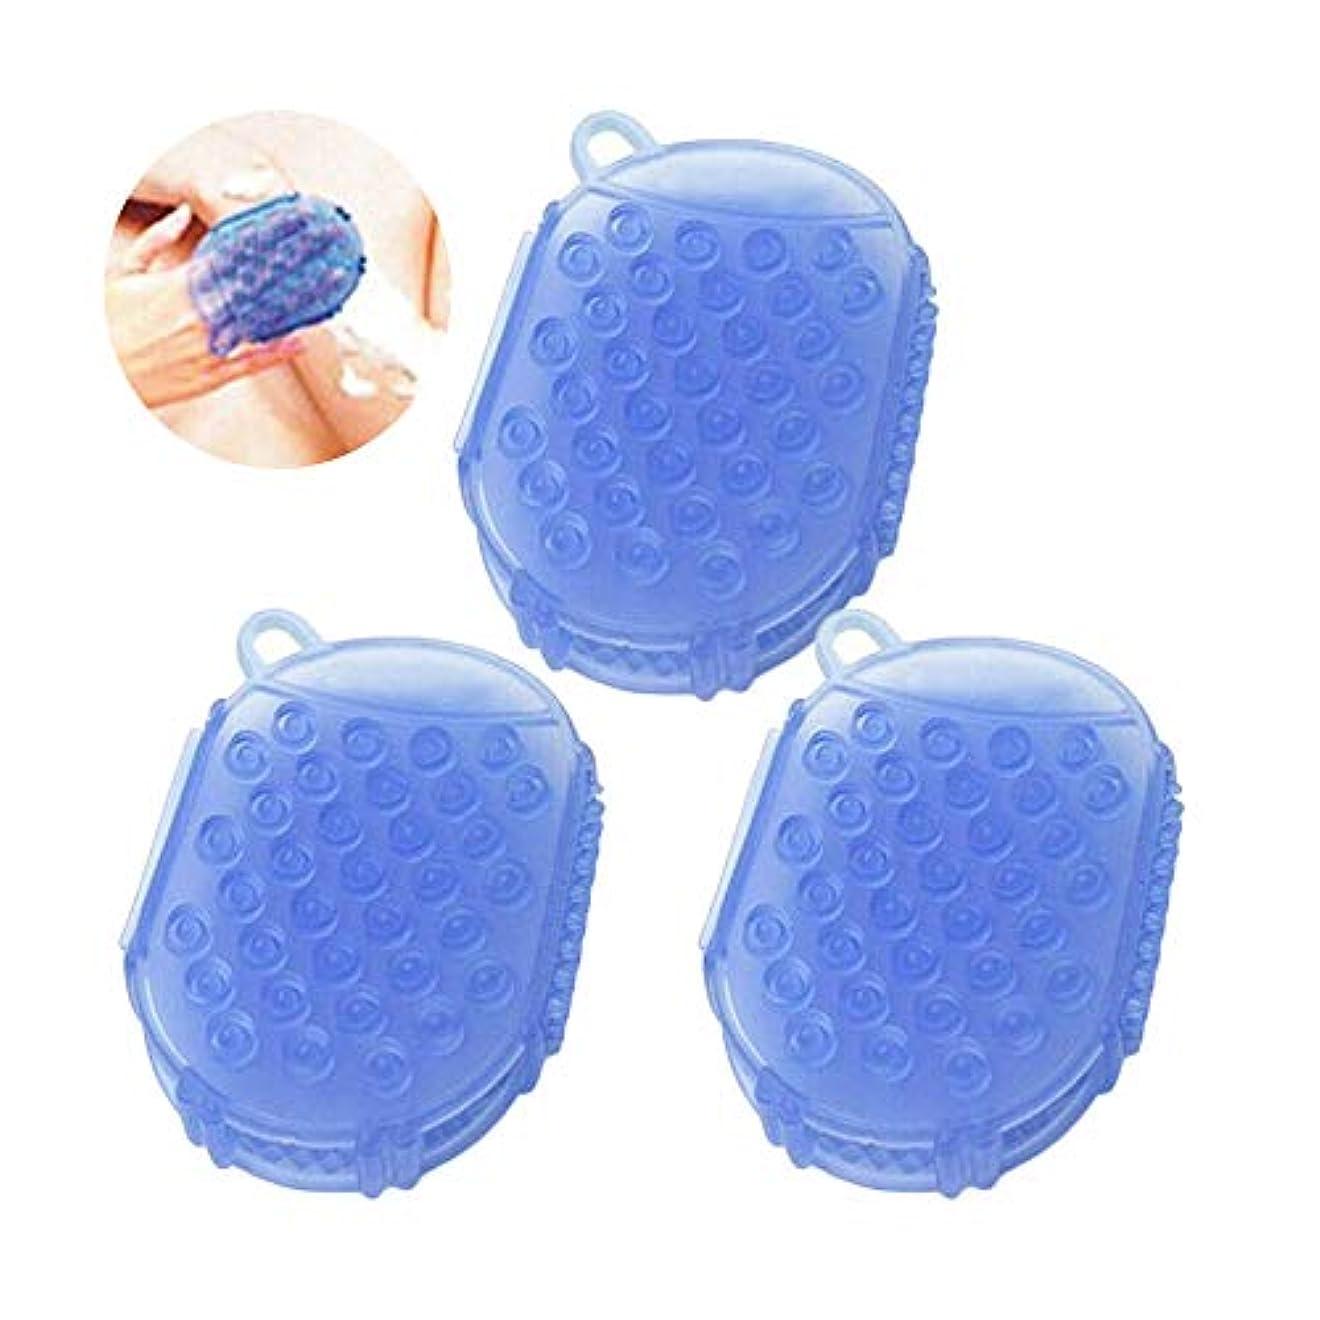 ソート処方するアプローチRAYNAG 3個 ボディブラシ マッサージブラシ お風呂ブラシ 体洗い 角質除去 血行促進 新陳代謝を促進 美肌効果 毛穴 汚れ 除去 マッサージ ブラシ シャワー お風呂 両面用 10.5x7.5x2cm ランダムカラー